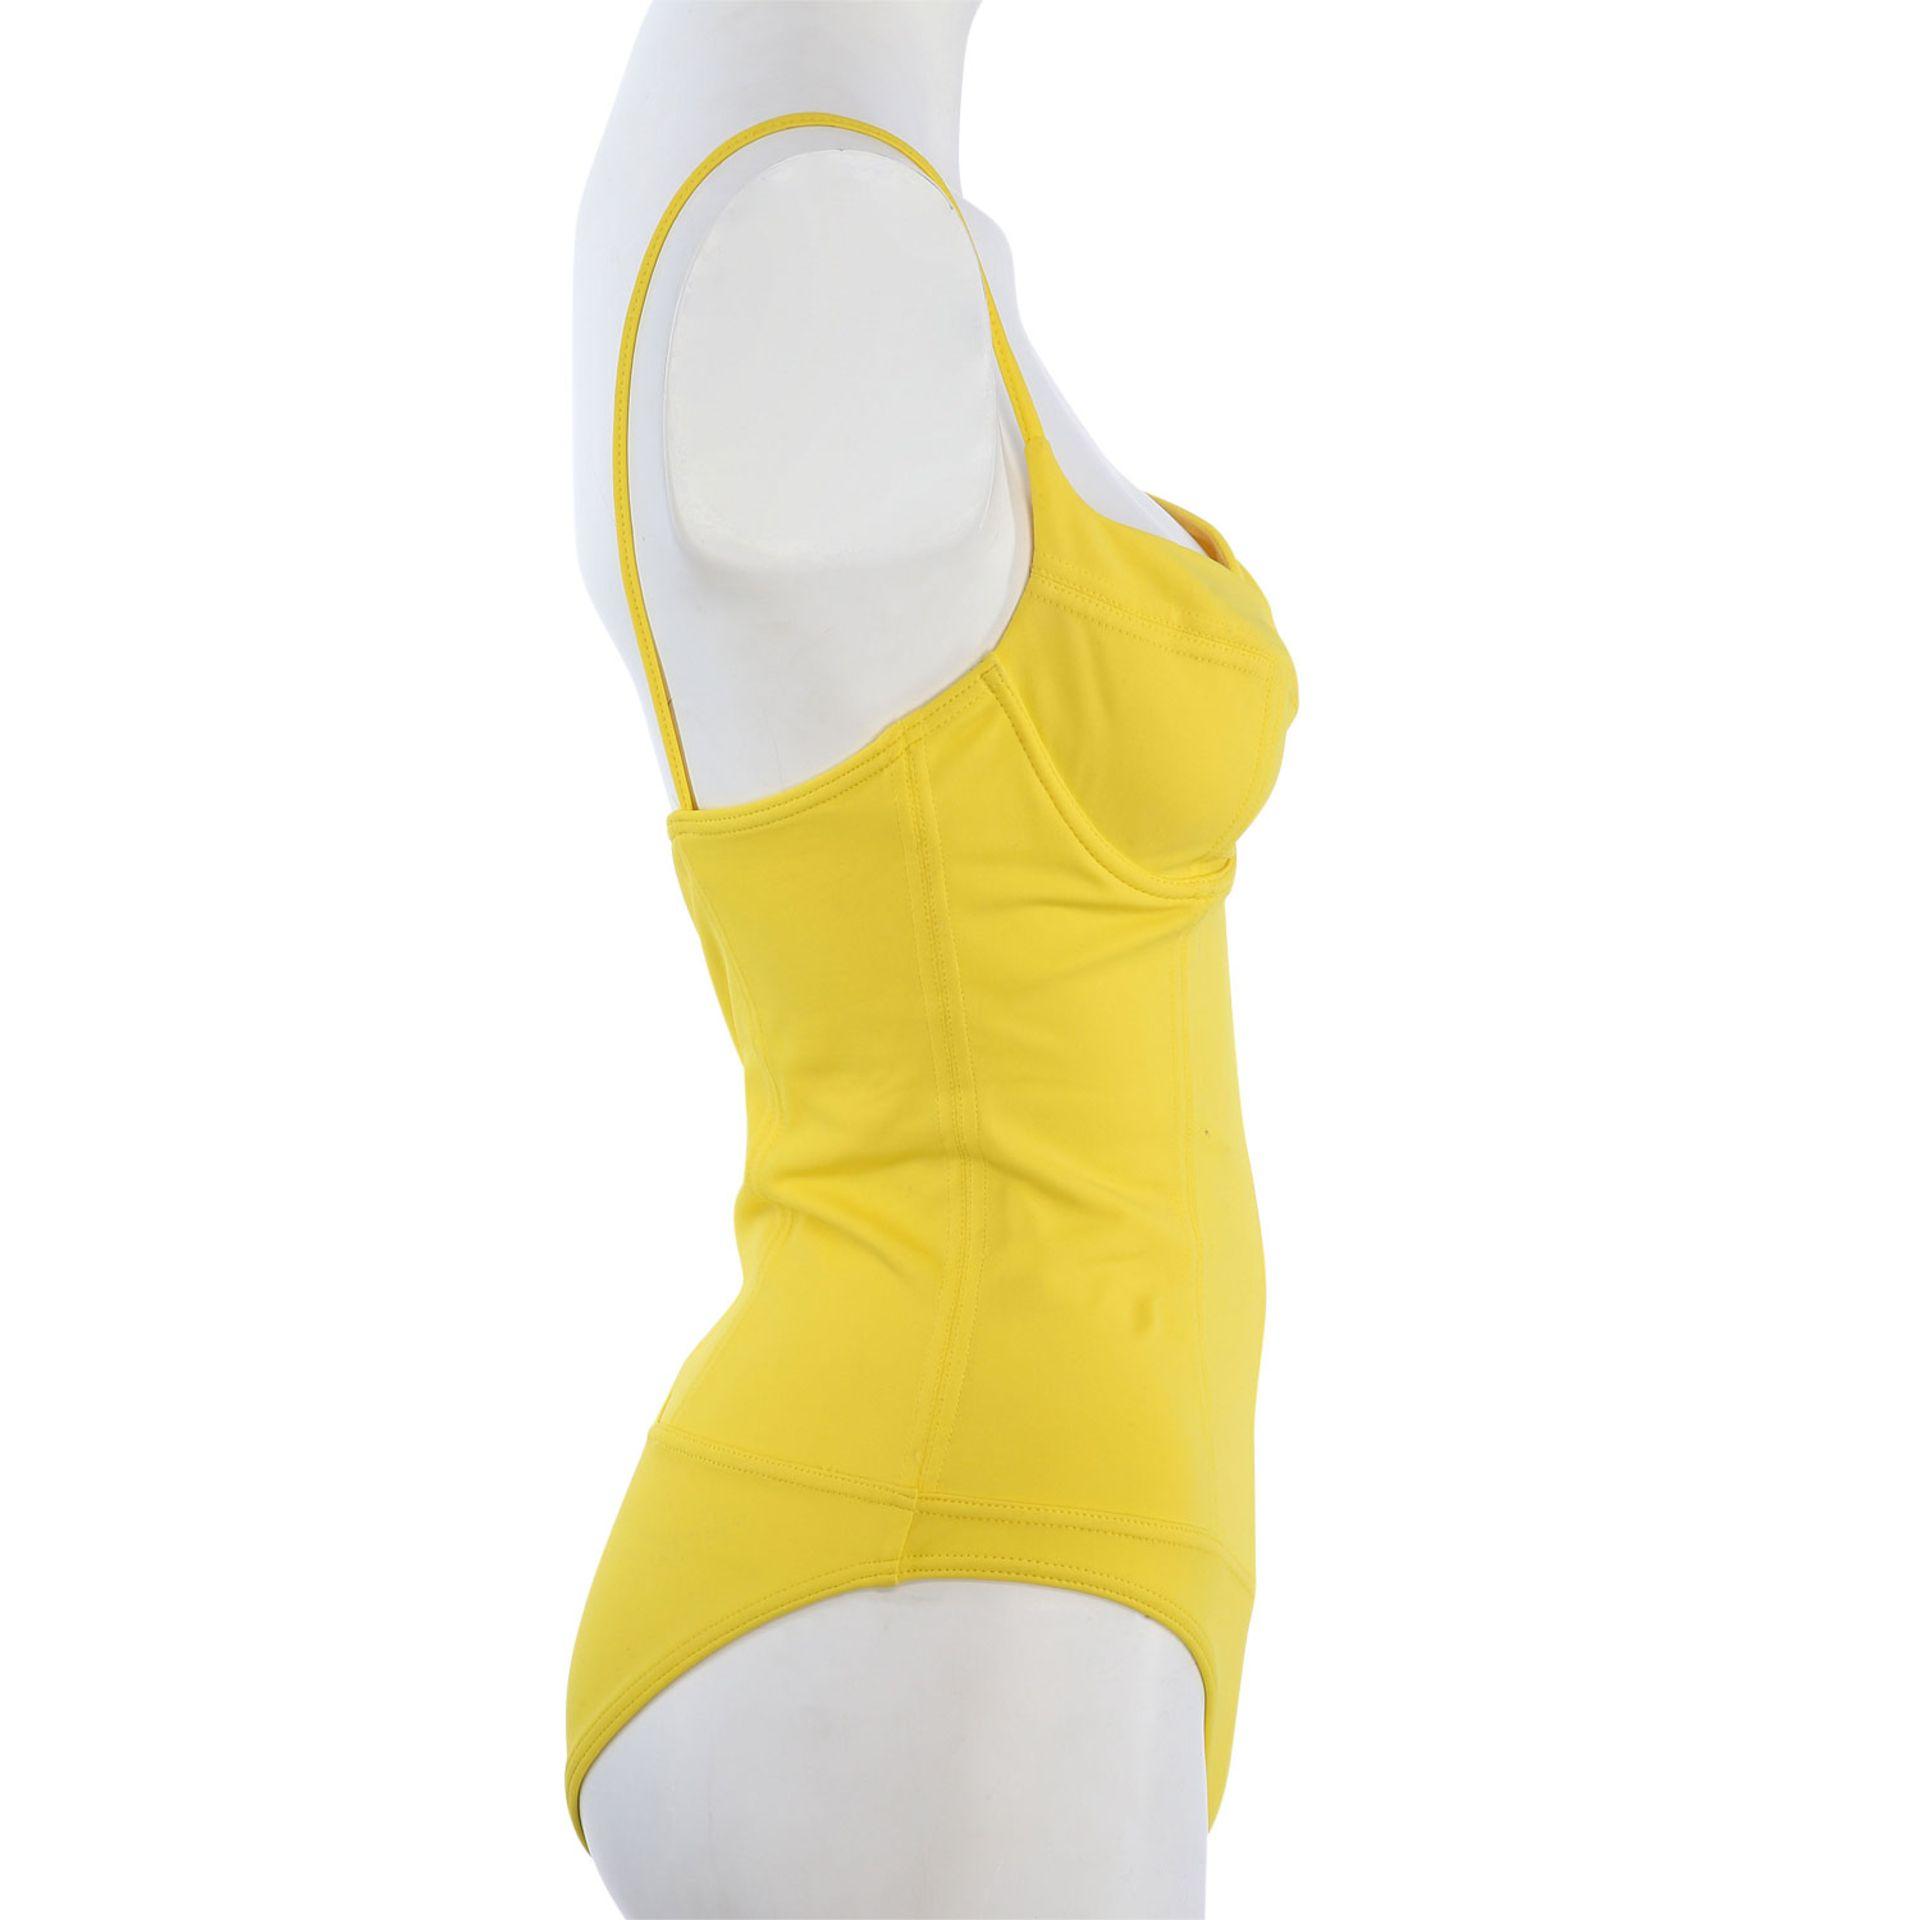 CHANEL VINTAGE Badeanzug, Gr. 38/40.NP. ca.: 1.500,-€. Gelbes Modell mit Teilungsnähten und - Bild 3 aus 4